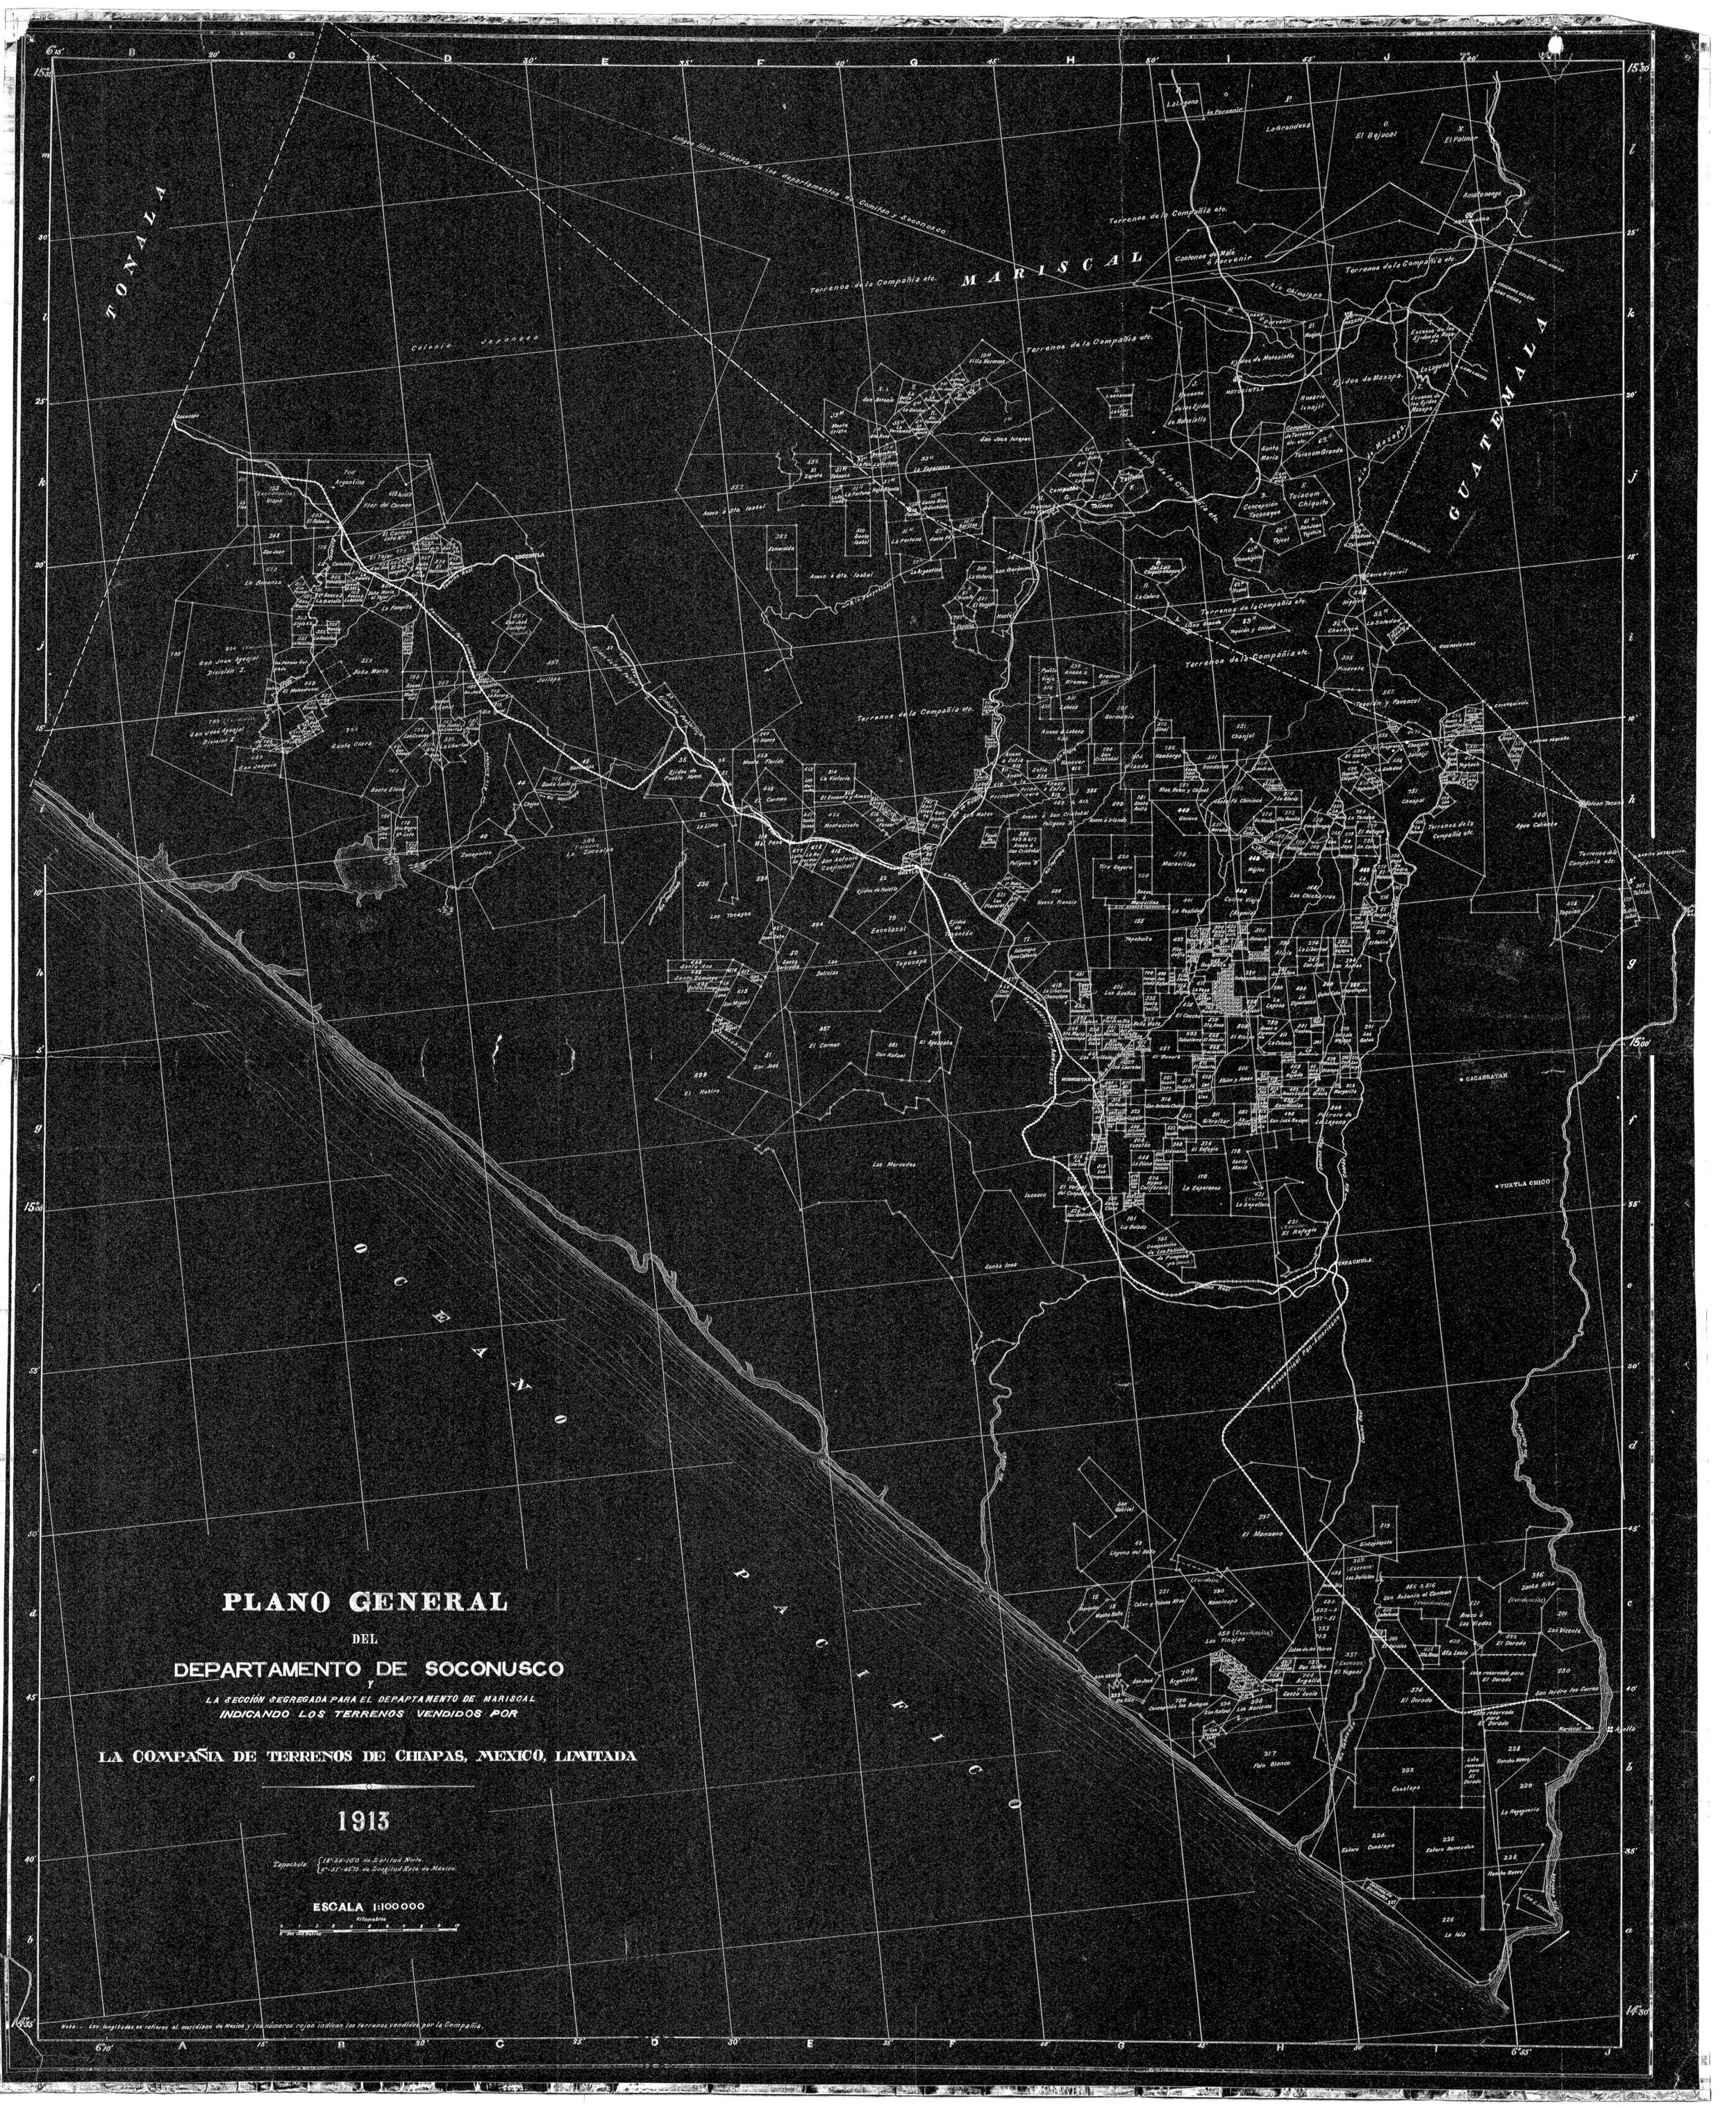 """Map 6. General Plan of the Department of Soconusco by the Mexican Land and Colonization Company, 1913.    Source: """"Plano general del Departamento de Soconusco y la sección segregada para el Departamento de Mariscal indicando los terrenos vendidos por La Compañía de Terrenos de Chiapas, México, Limitada, 1913.""""  Mapoteca Manuel Orozco y Berra, Colección Orozco y Berra, Varilla oyBchis02, No. Clasificador 3212-oyB-7274-a-1 y a-2.  Reprinted with permission. [ click for larger image ]"""